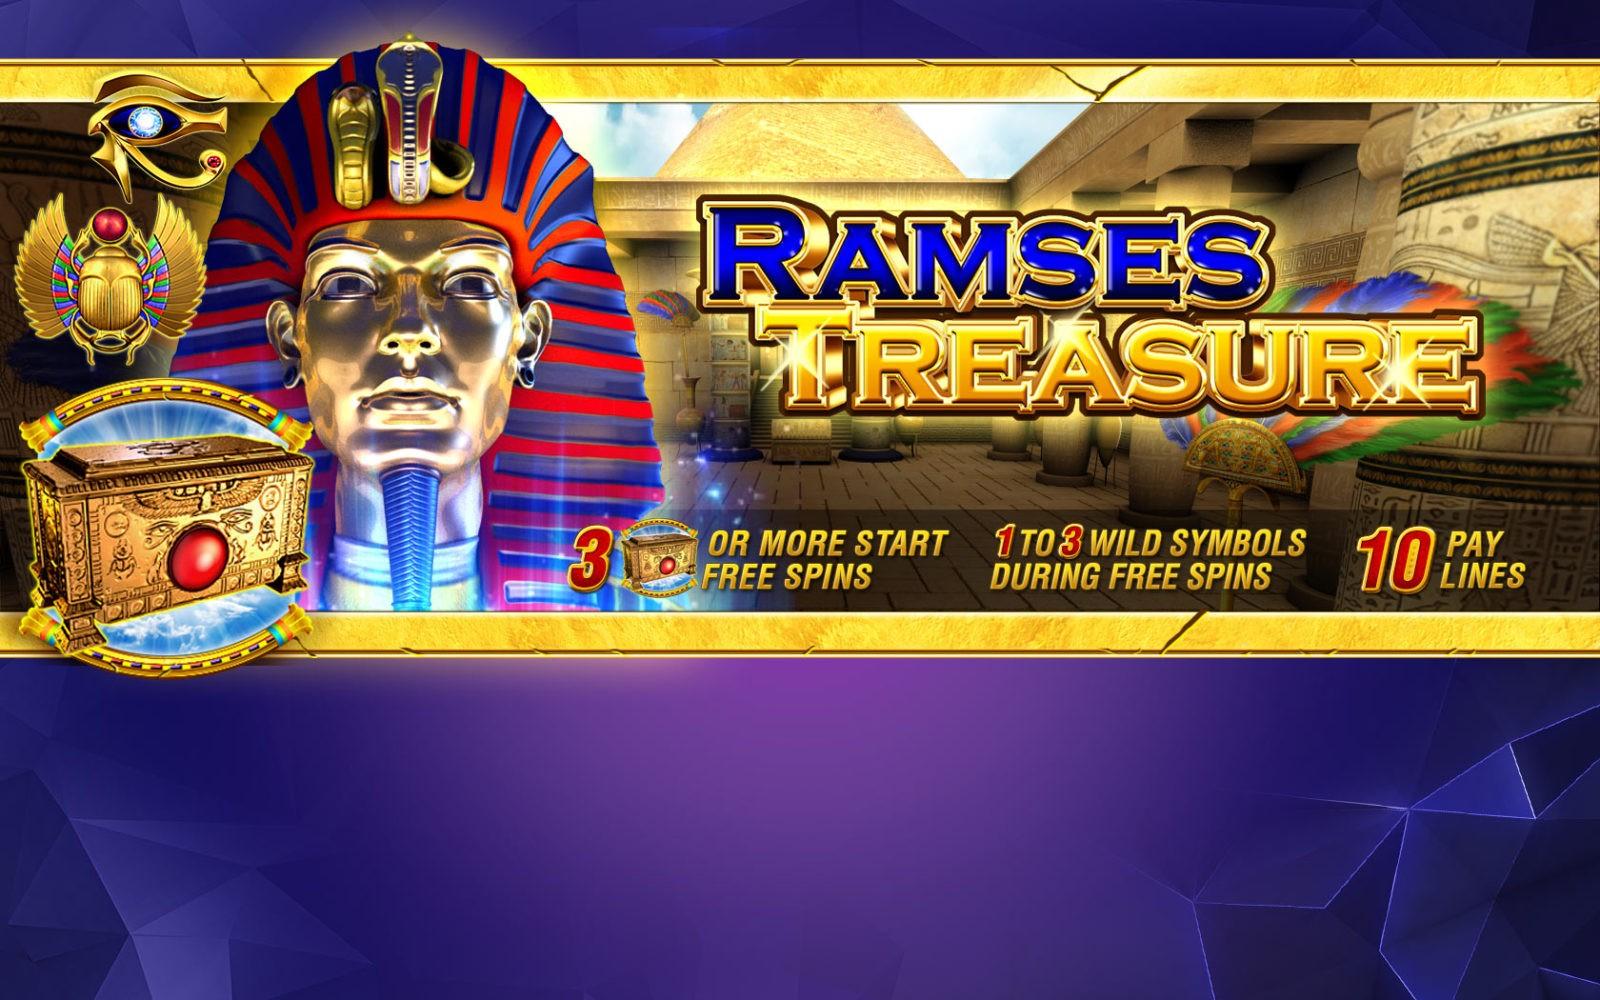 Игровой автомат Ramses Treasure: особенности и основные преимущества